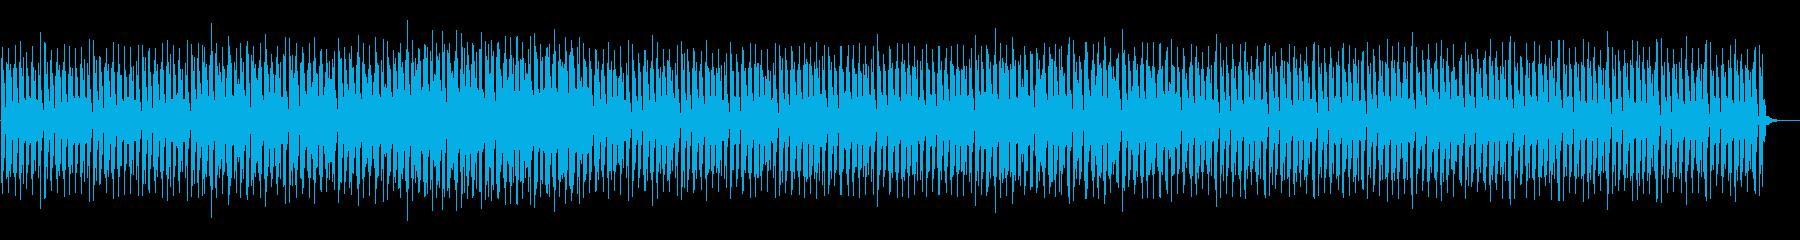 無機質なミニマルテクノ 5の再生済みの波形